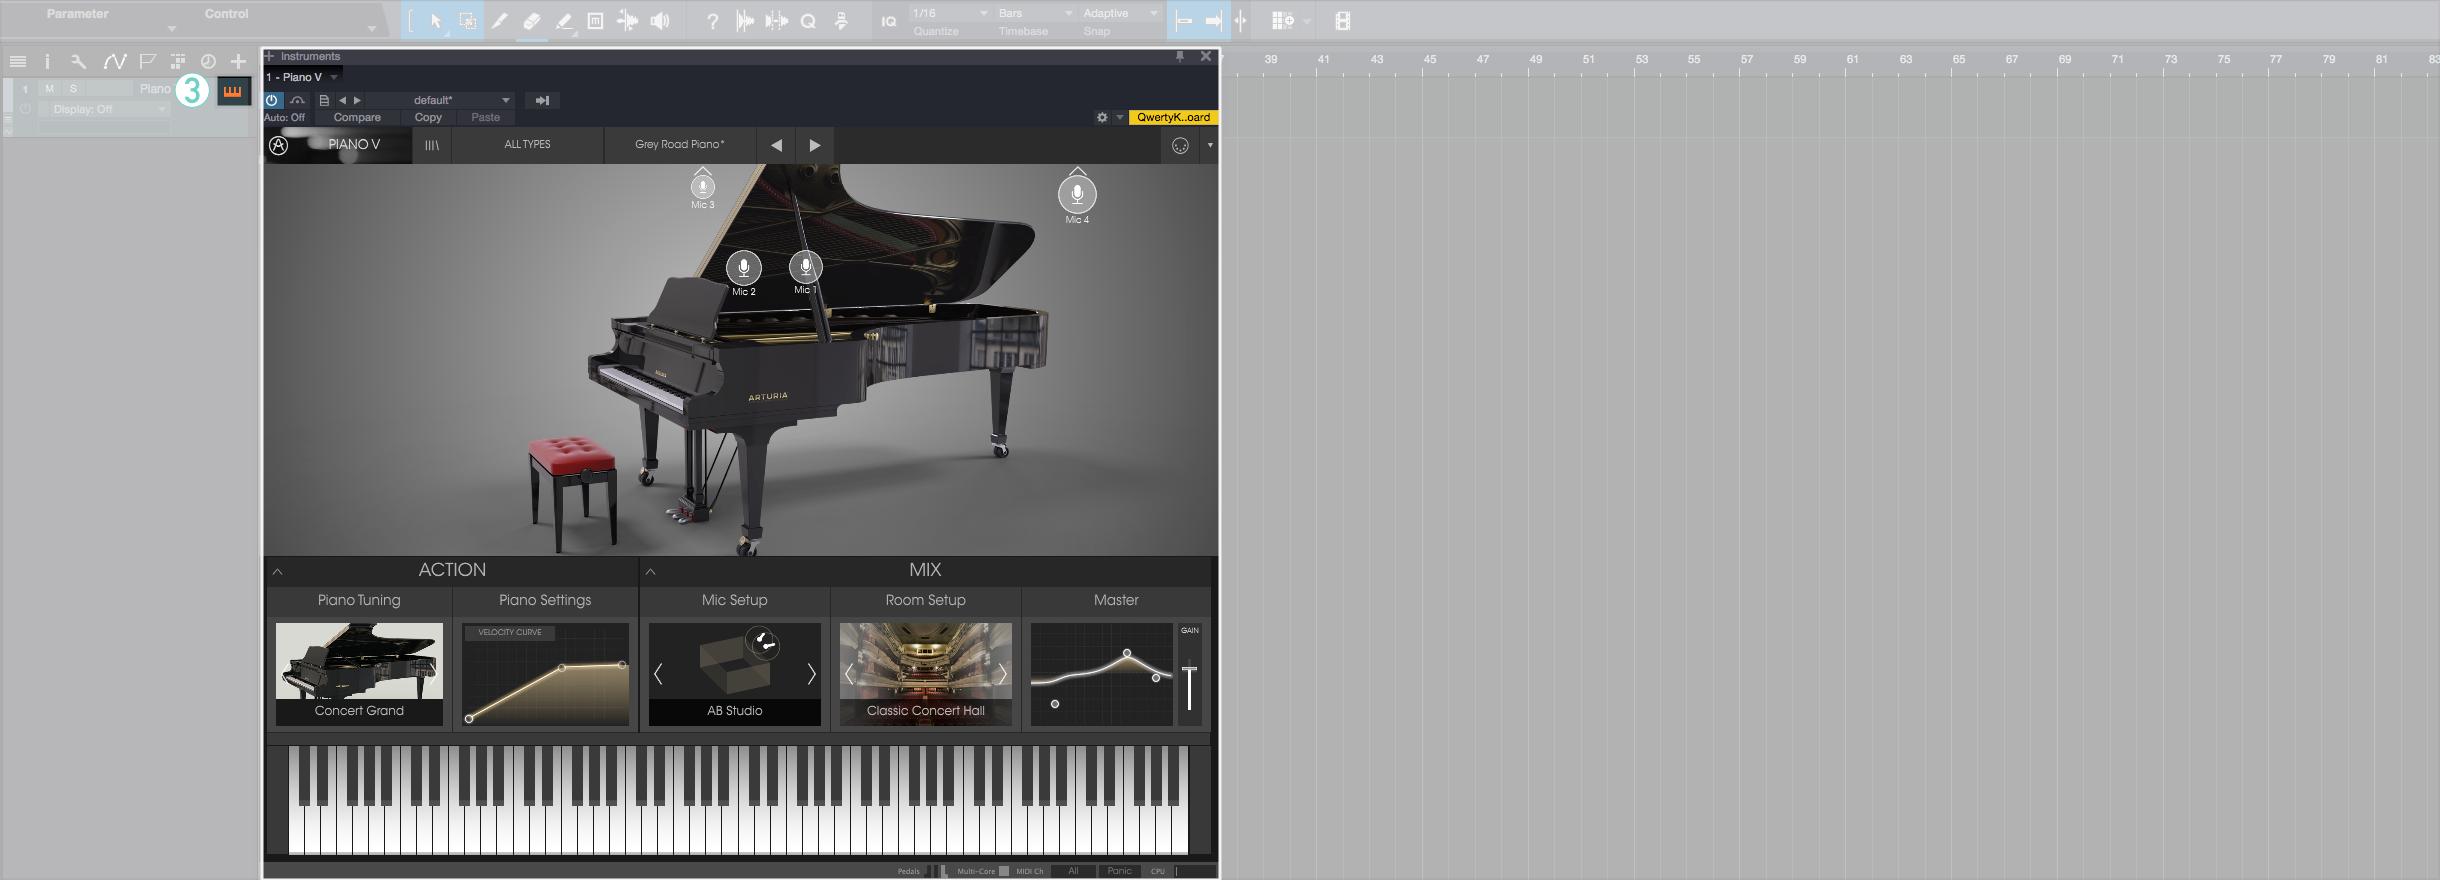 掛載後如果想要開啟軟體樂器編輯視窗,可以點擊 Track 右方的鋼琴圖示,即可開啟掛載的軟體樂器。